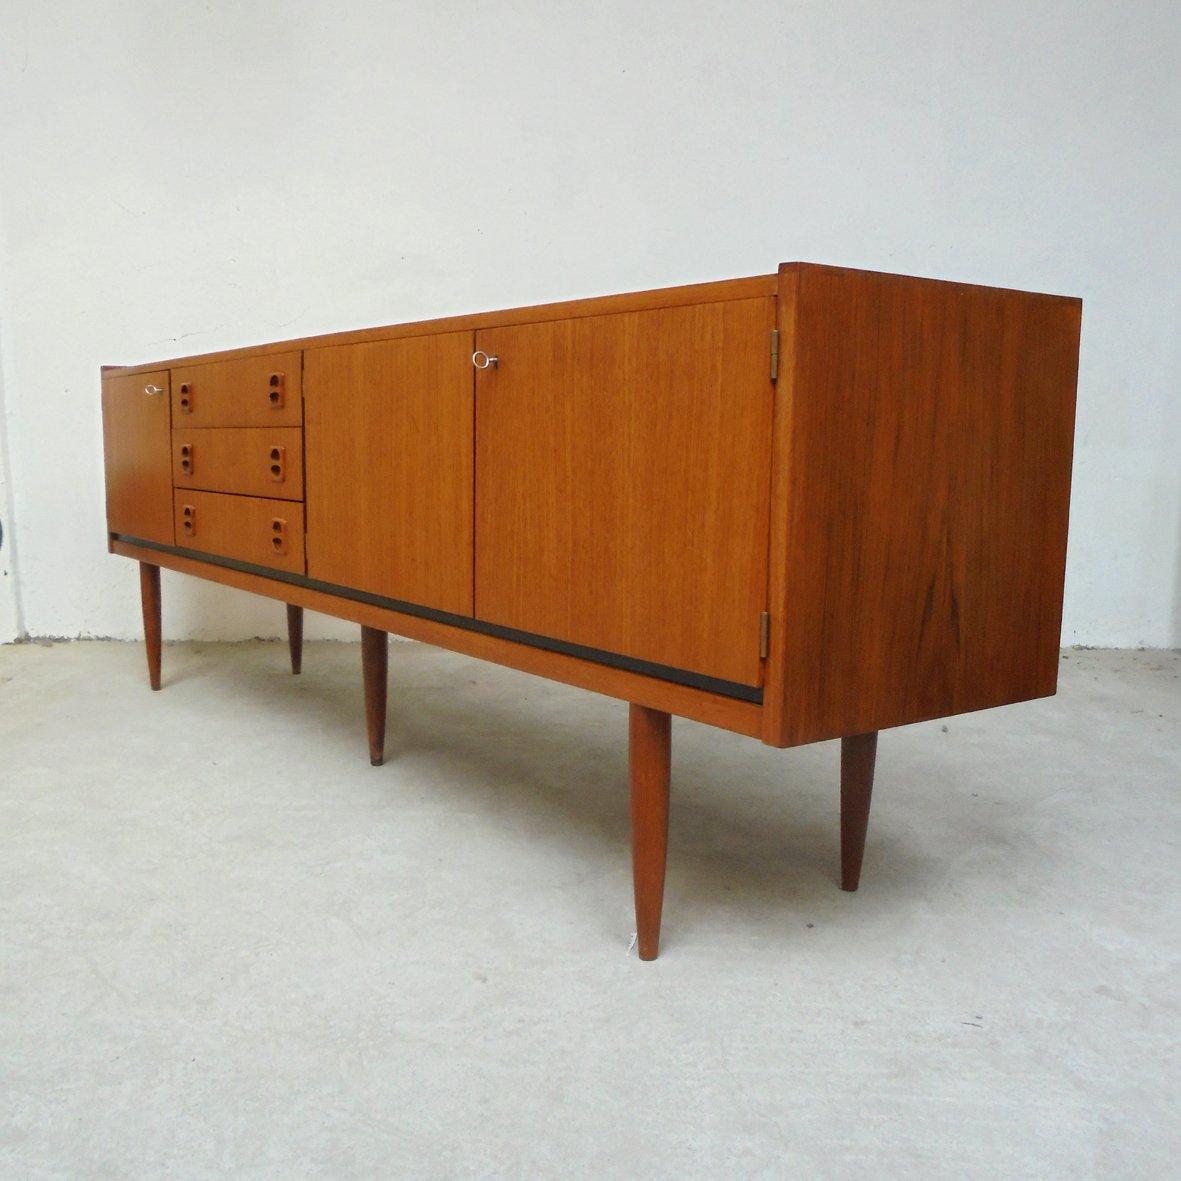 langes franz sisches vintage sideboard 1960er bei pamono. Black Bedroom Furniture Sets. Home Design Ideas